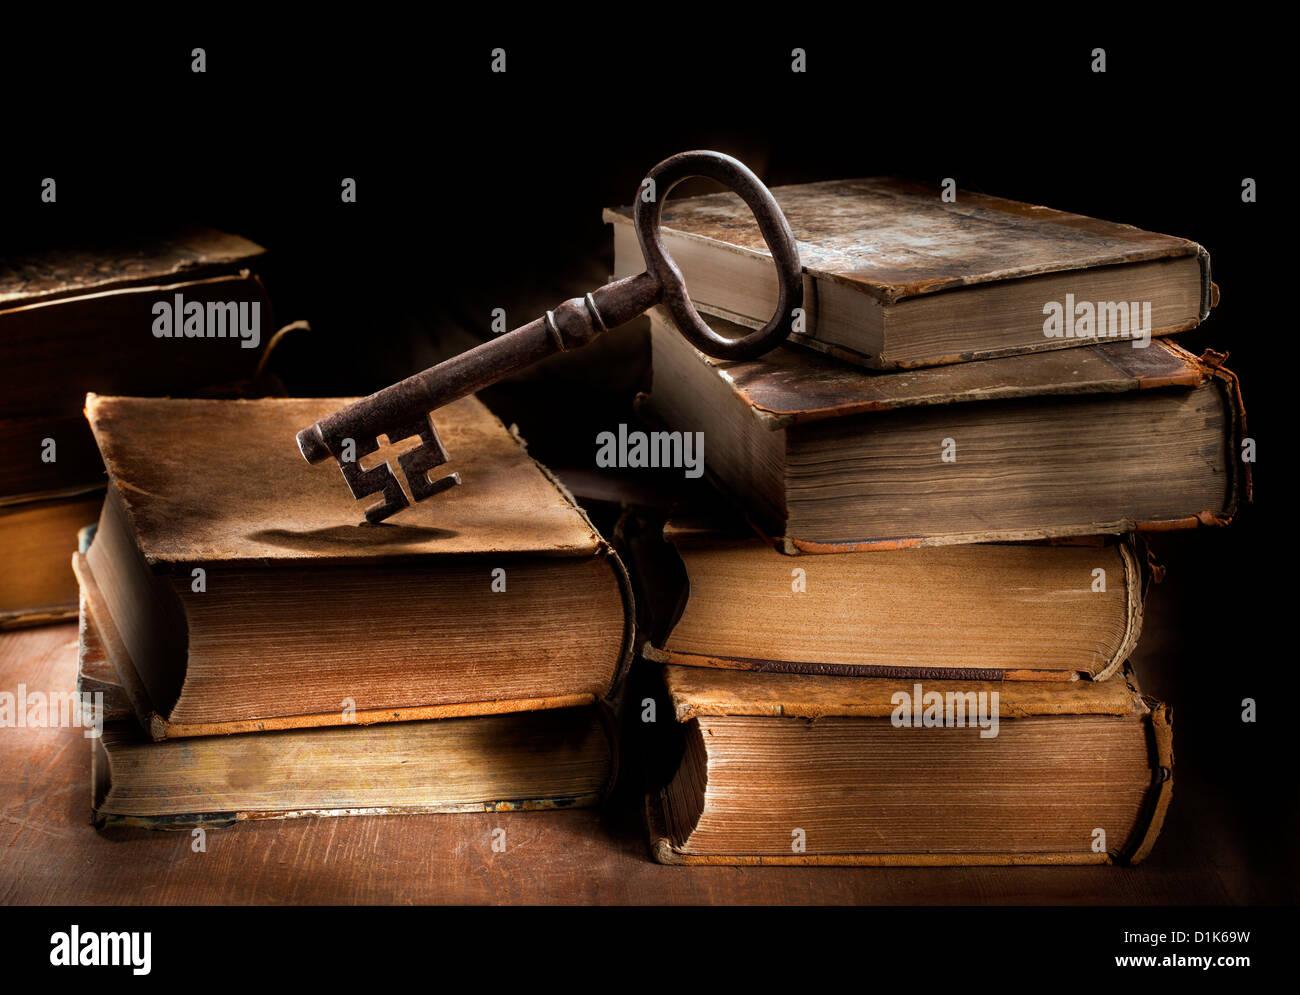 La vie encore conceptuel image de vieux livres anciens et une grande vieille clé. Photo Stock